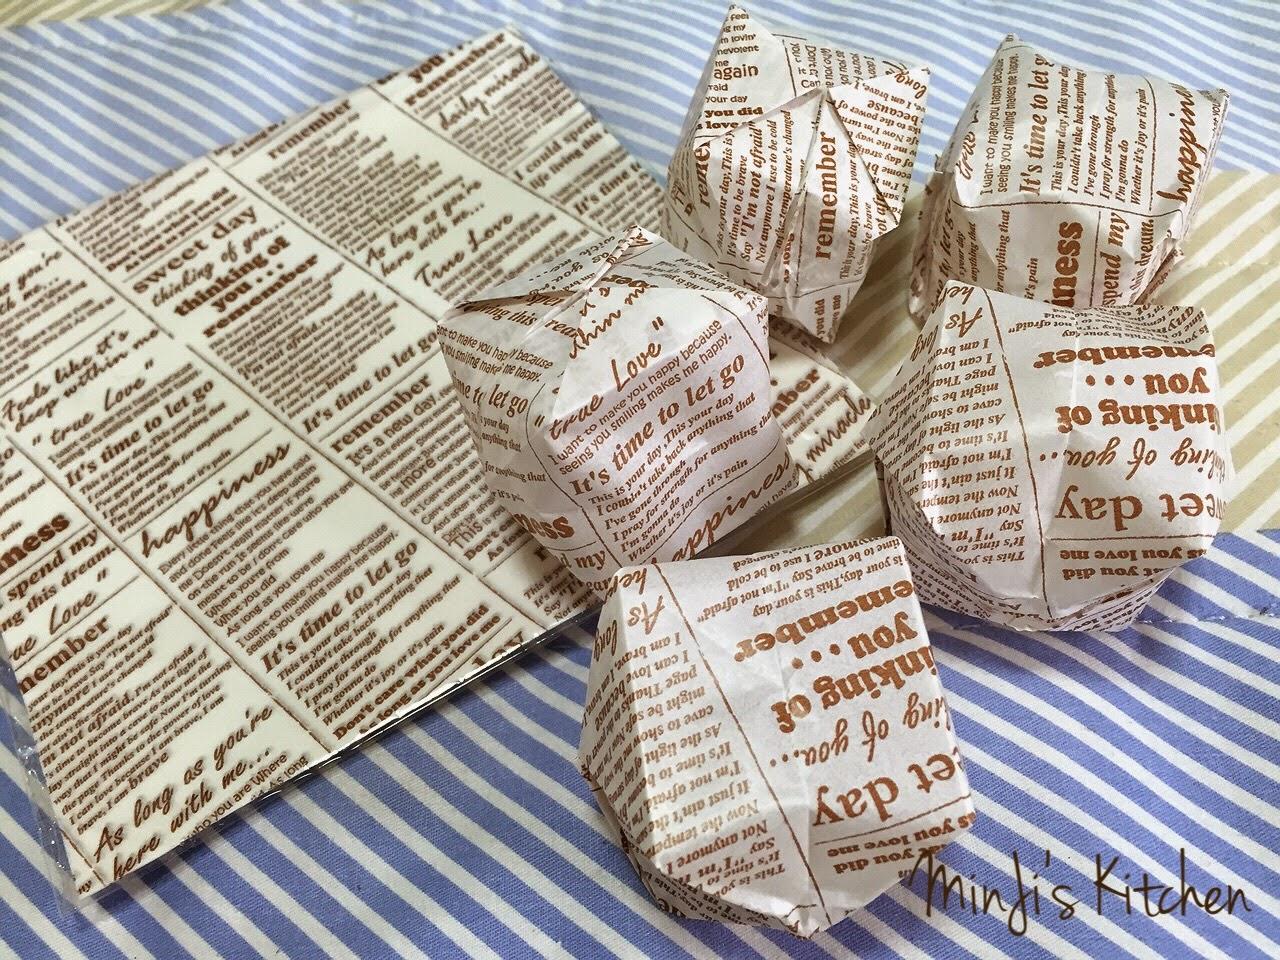 MinJi's Kitchen: Origami Water Bomb Cheese Cake おりがみ 風船 チーズケーキ - photo#6